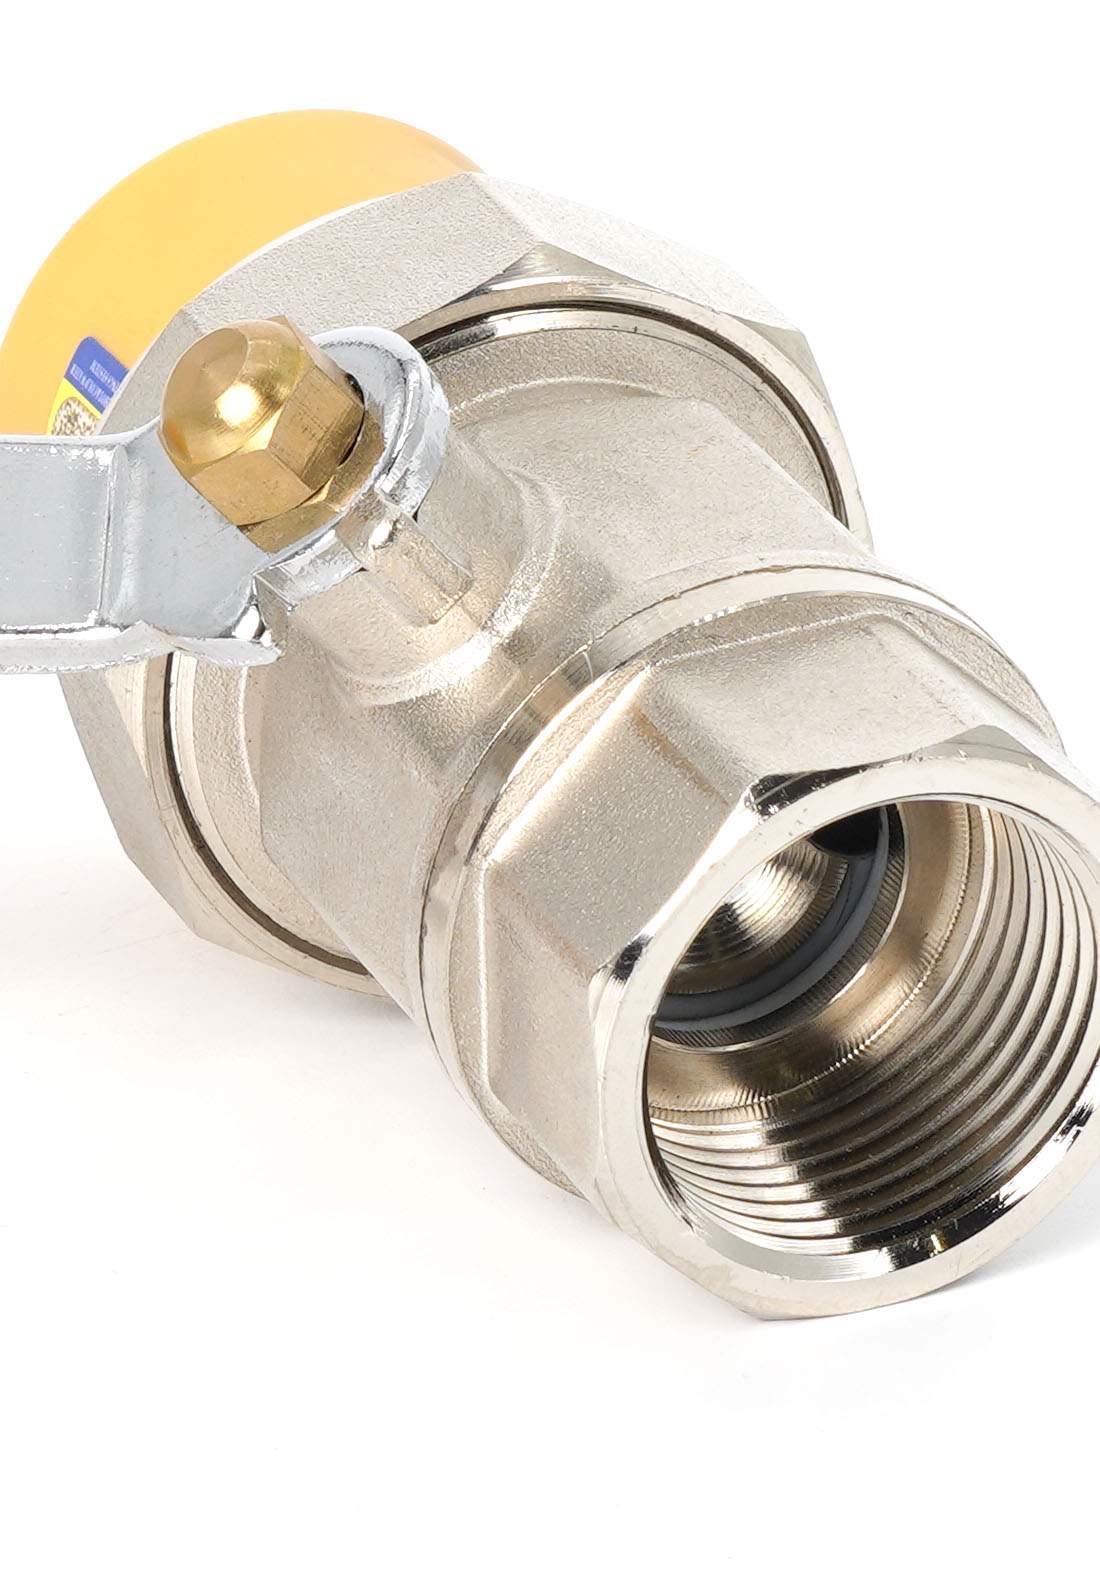 Wekts 5126 The double ion lock has an external tooth 32 mm قفل مزدوج سن خارجي لأنابيب المياه